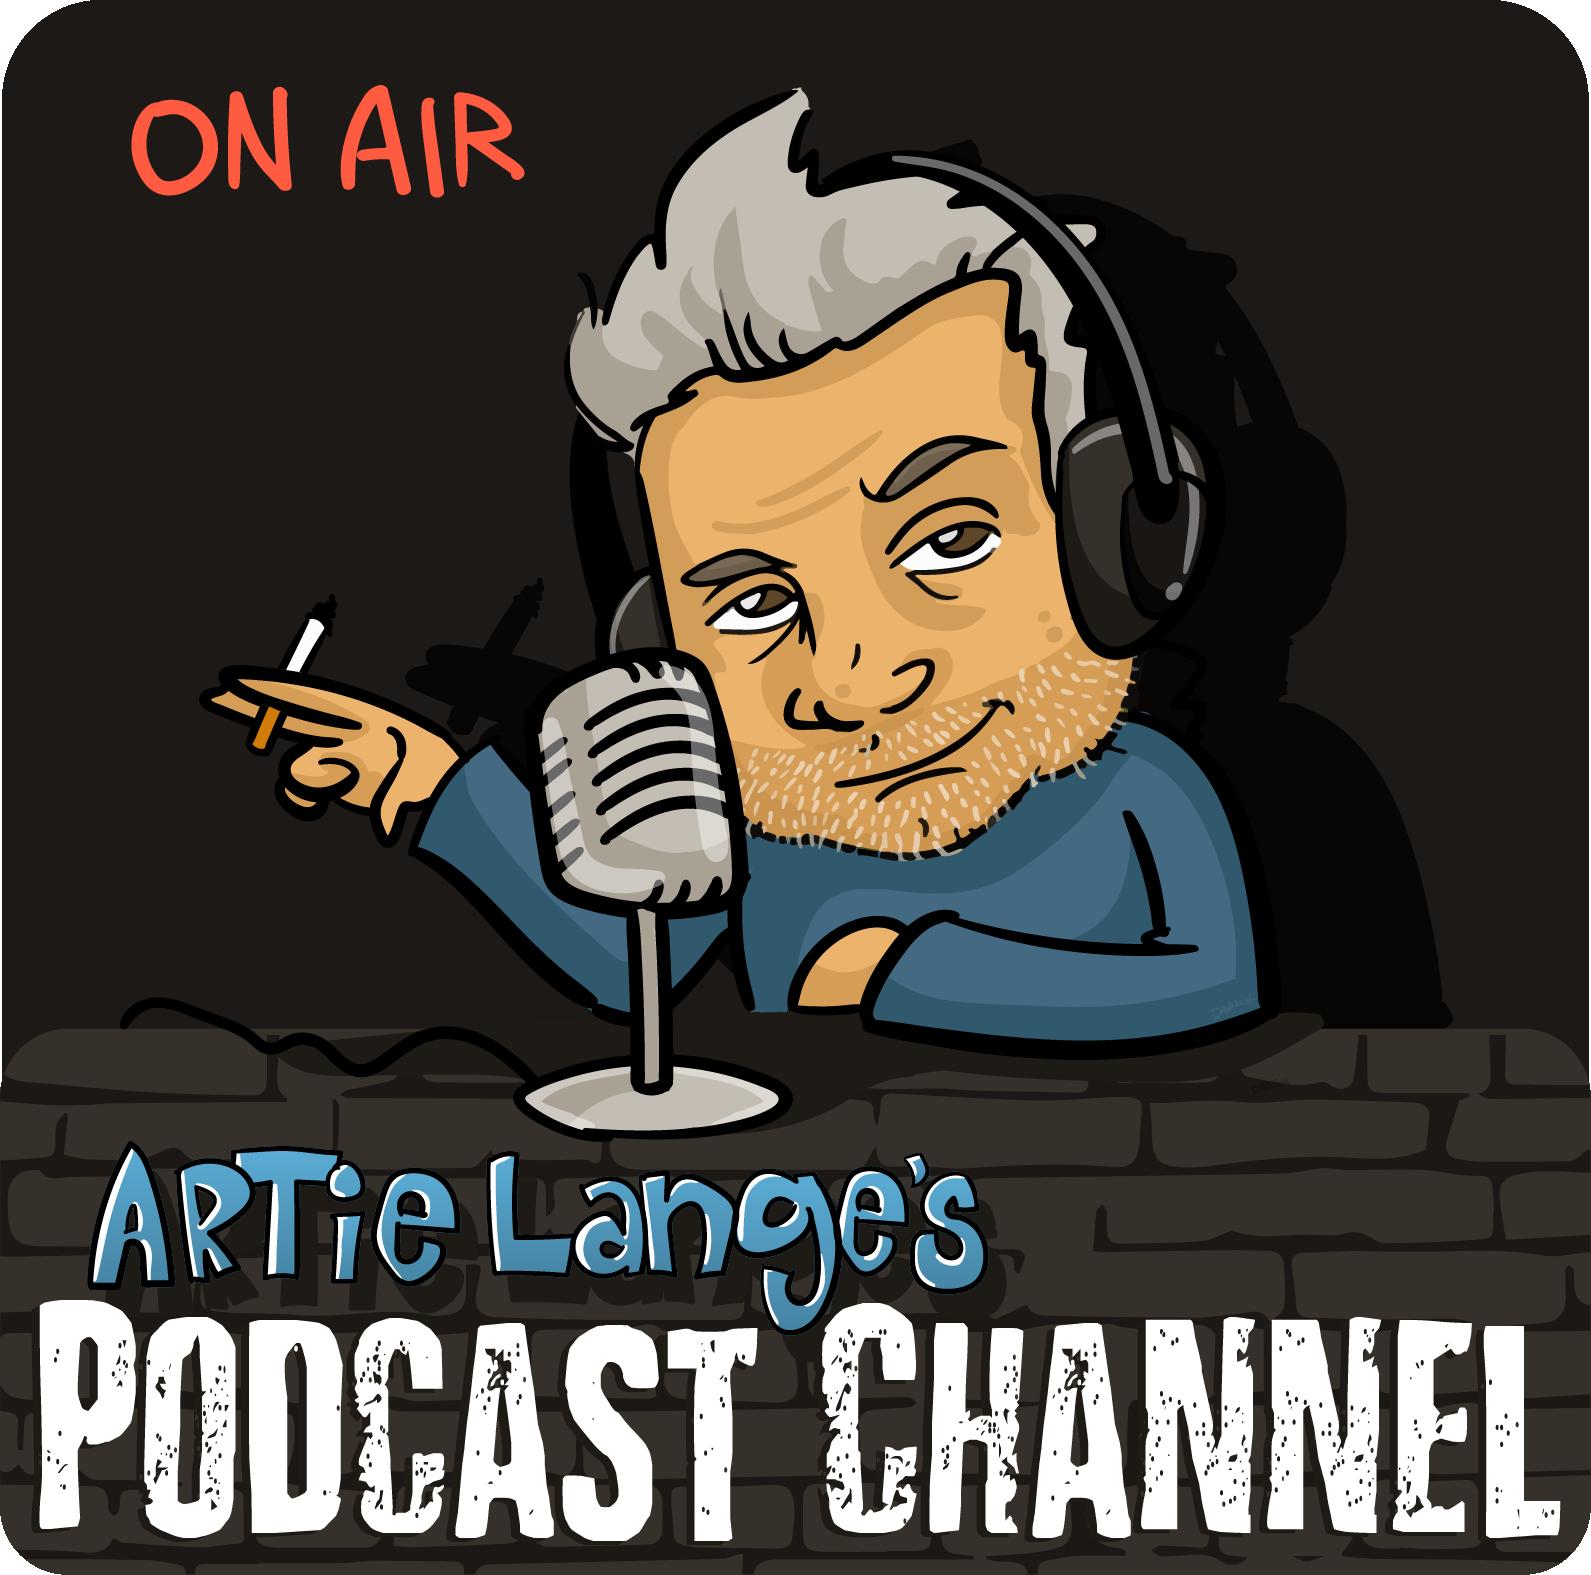 Artie Lange's Podcast Channel show art